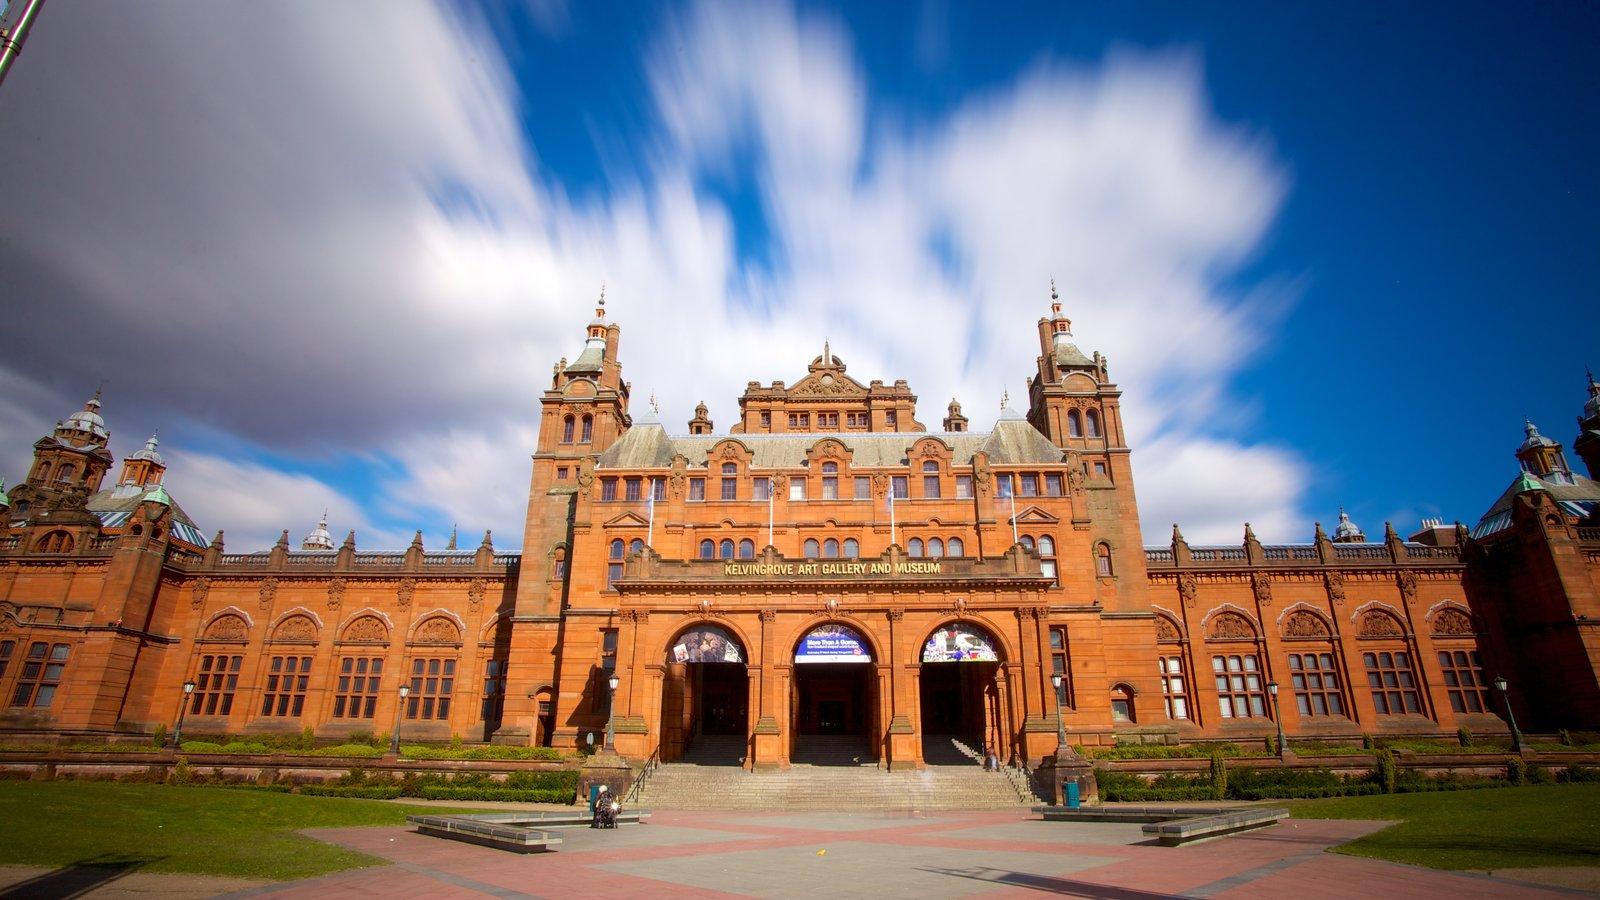 Glasgow que incluye un parque o plaza, patrimonio de arquitectura y un castillo